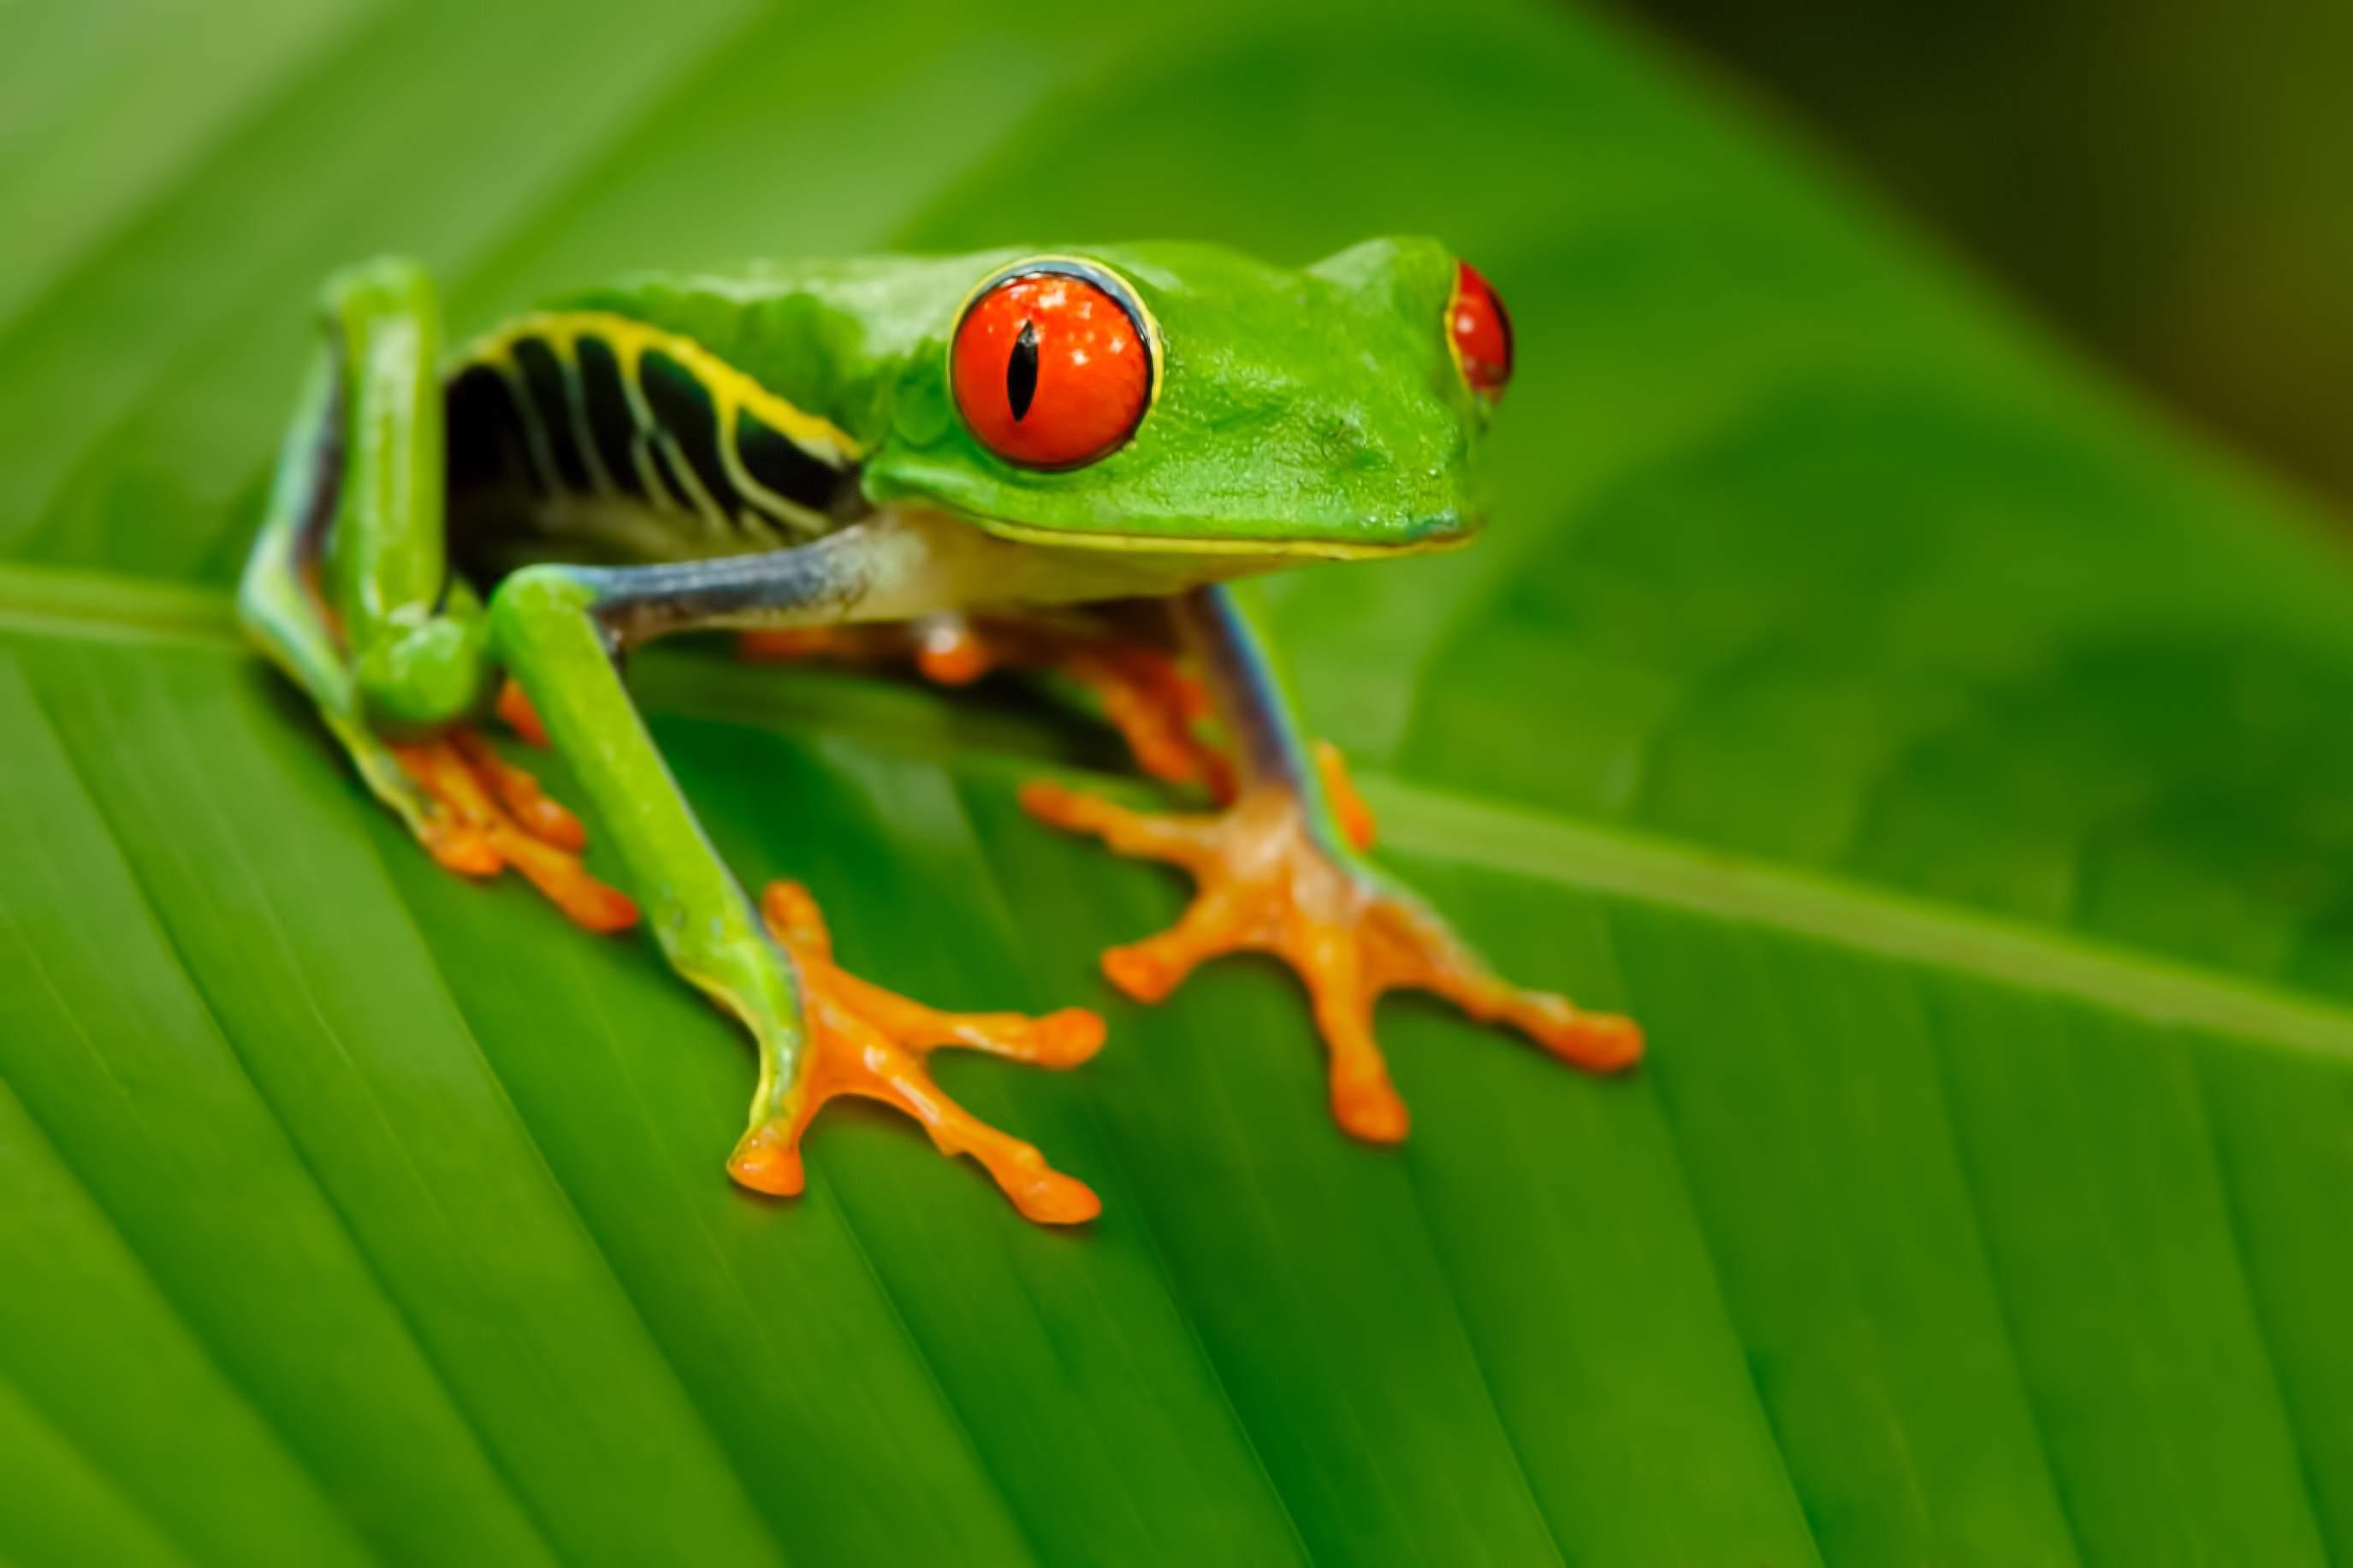 Red-eyed tree frog (Agalychnis callidryas) on leaf.